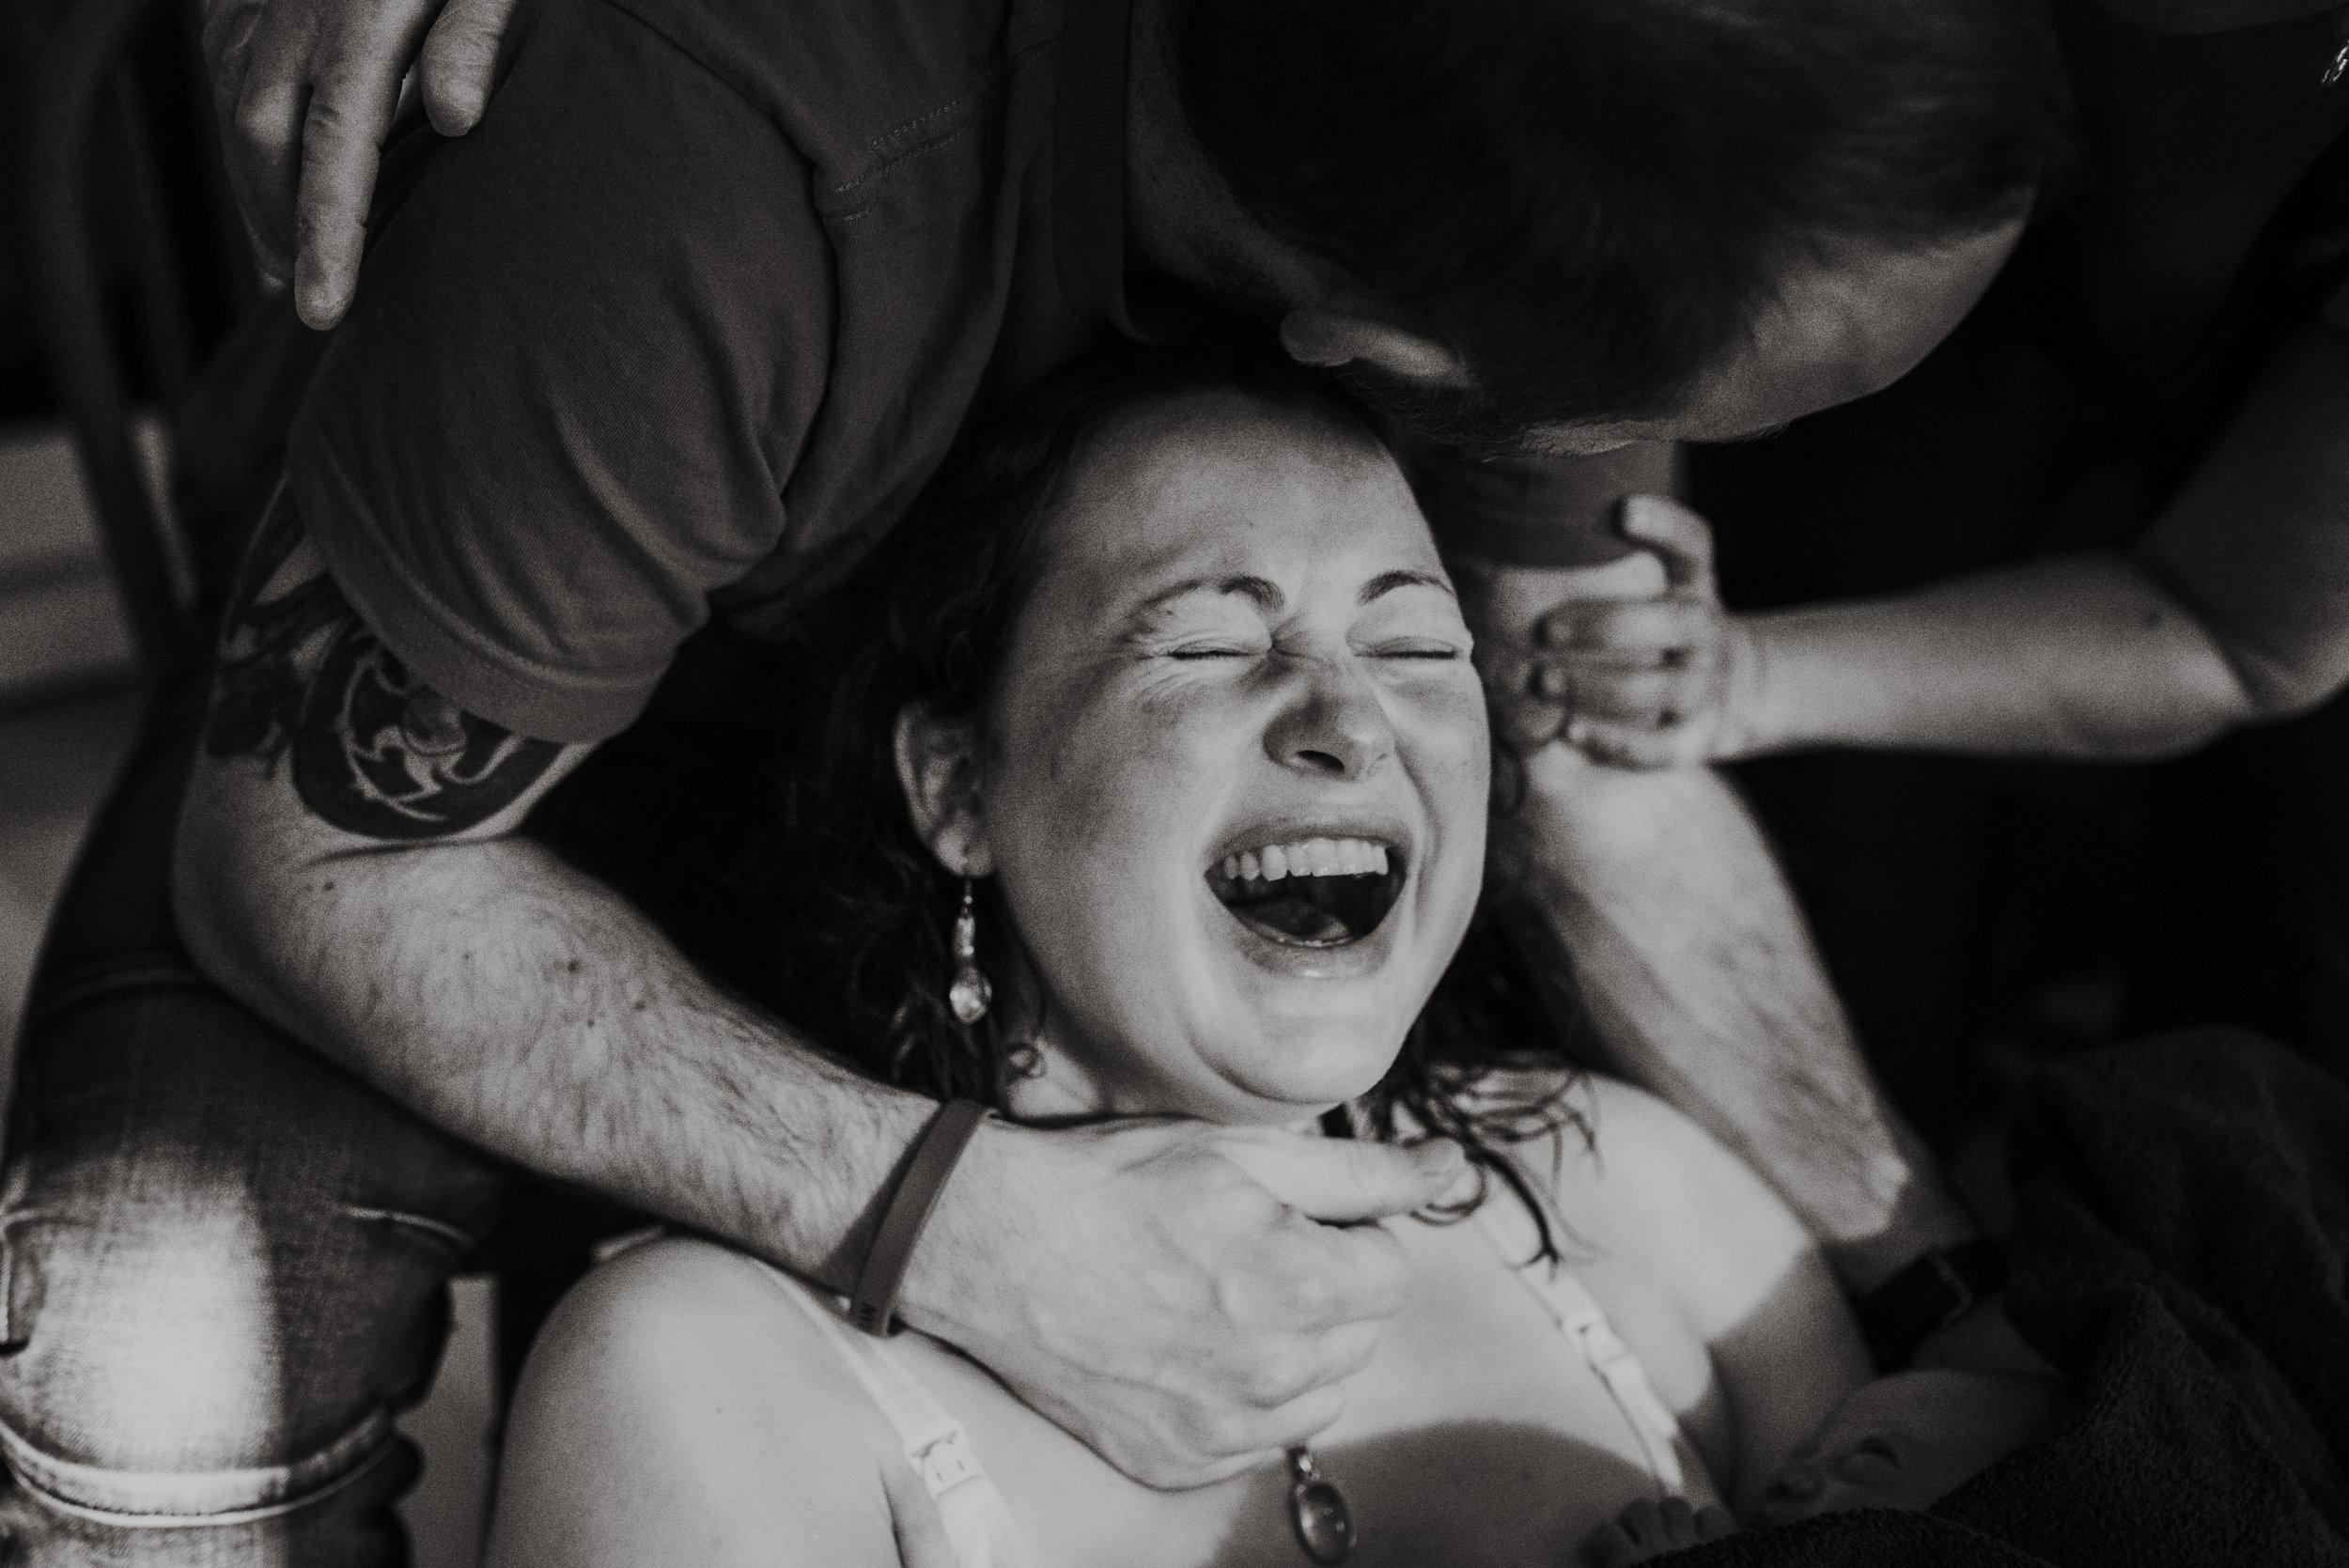 fødselsfotograf-oslo-kongsberg-nyfødtfotograf-maria-vatne-14.jpg